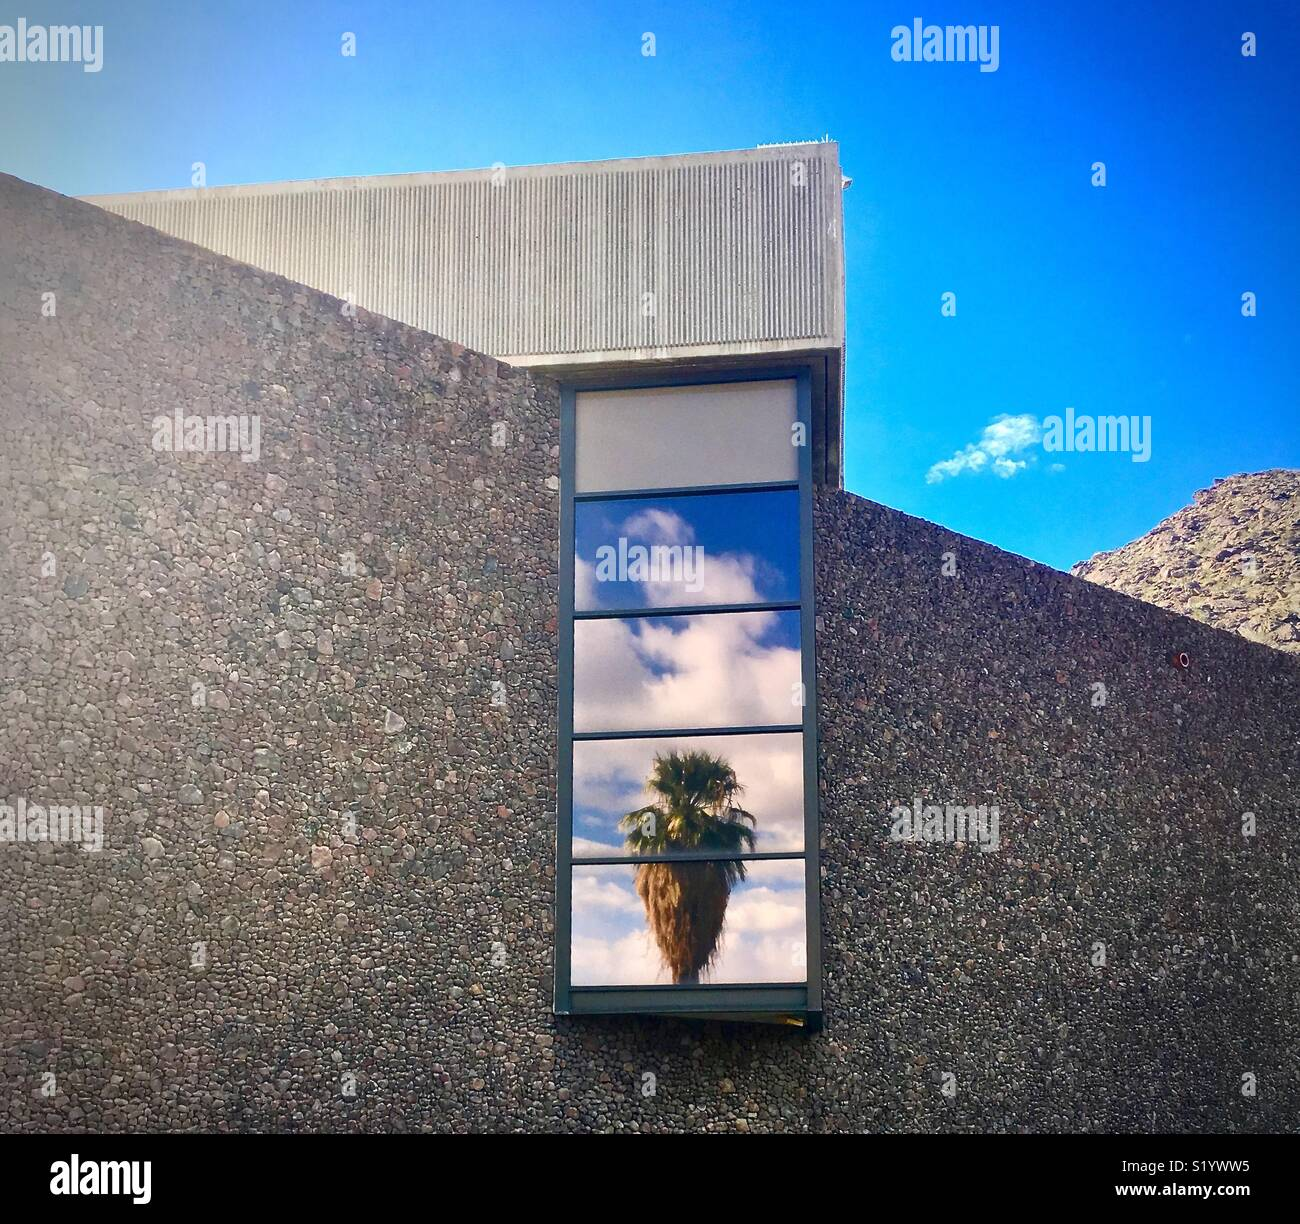 Palm Tree reflejo en la ventana del edificio moderno de hormigón Imagen De Stock